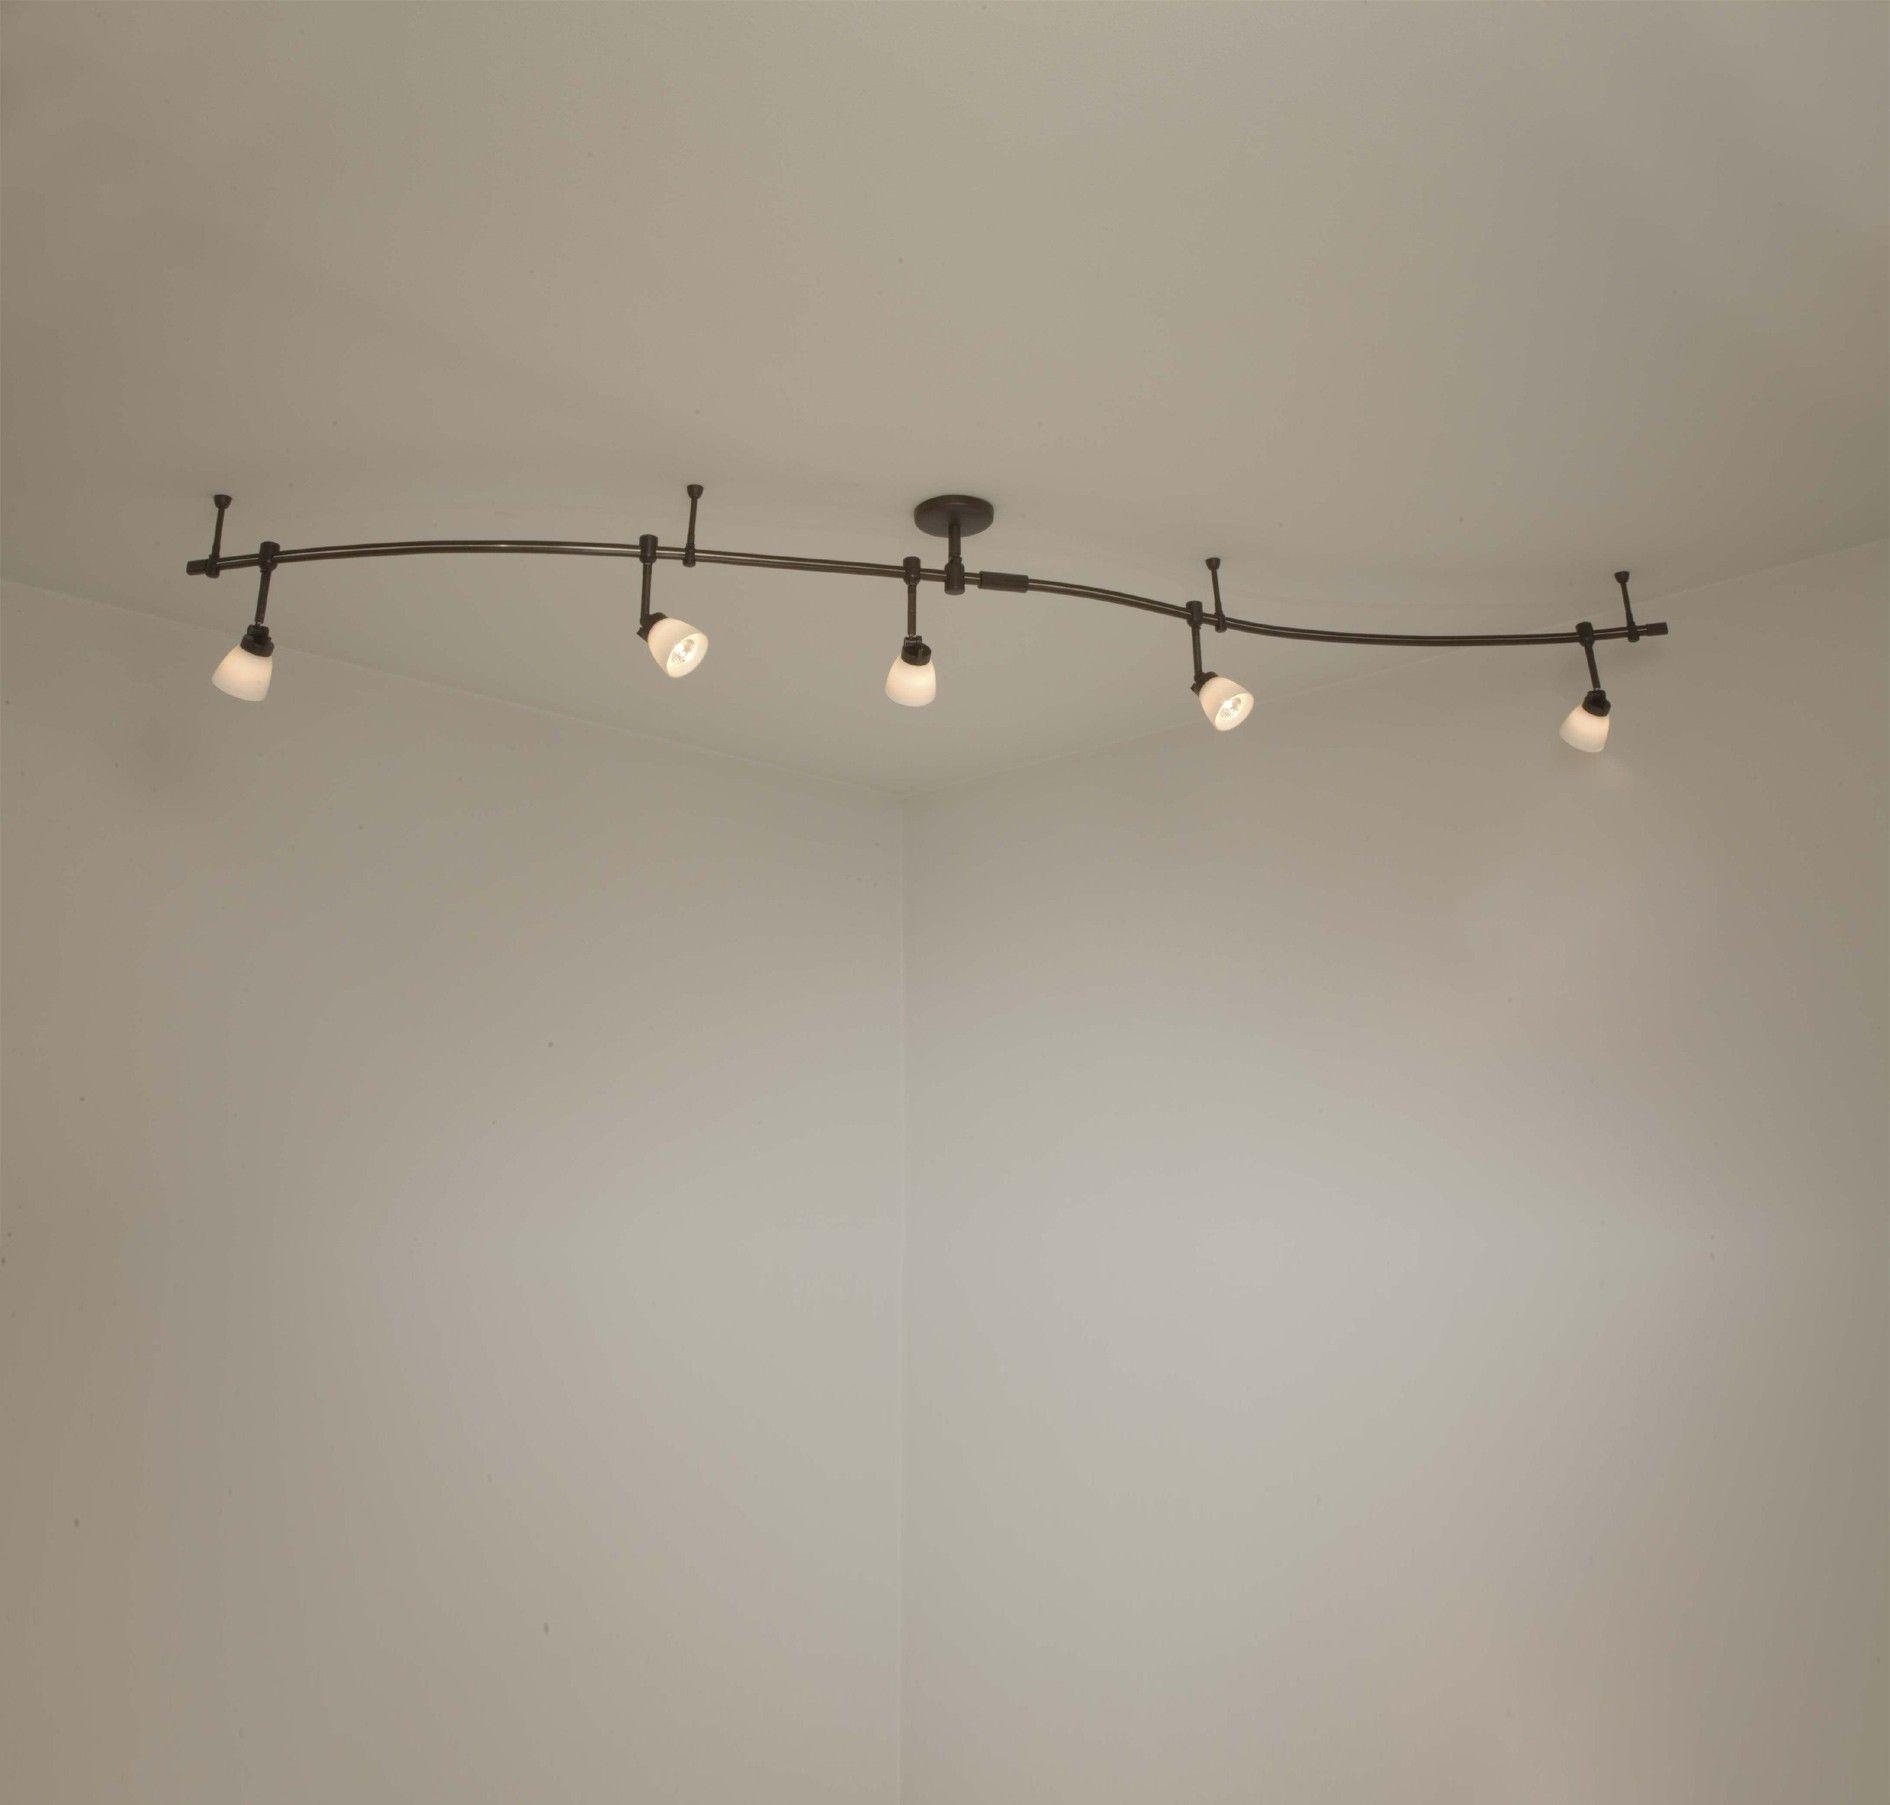 George Kovacs Gk Lightrail Light Kit In Ceiling Lights Track Lighting Progressivelighting Com Lighting Ceiling Fans Light Track Lighting